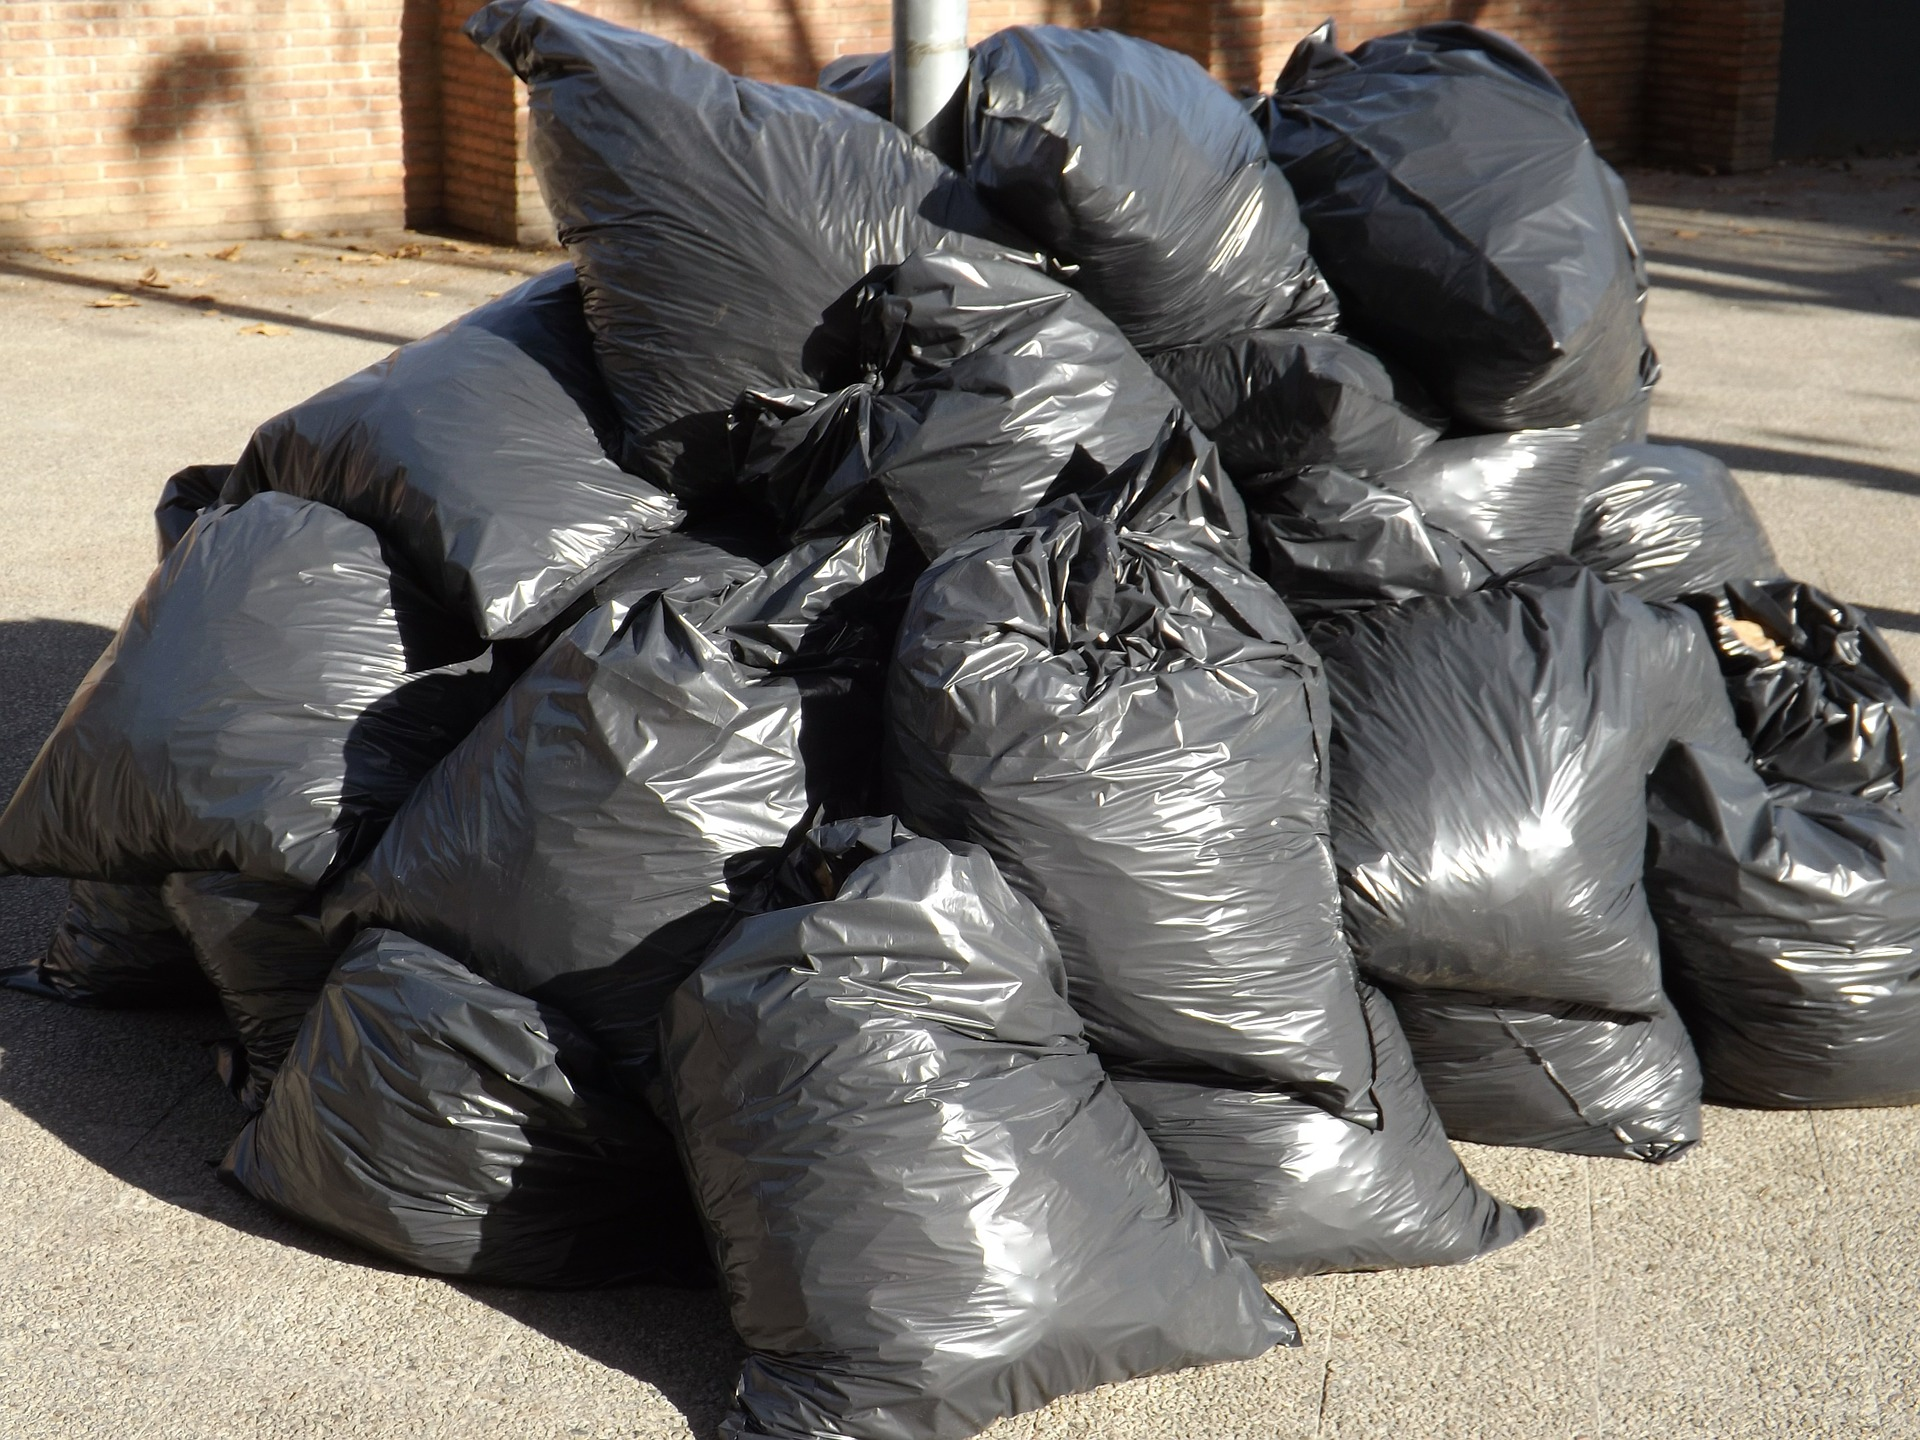 Śmieci w Kolbuszowej znowu pójdą w górę?  - Zdjęcie główne